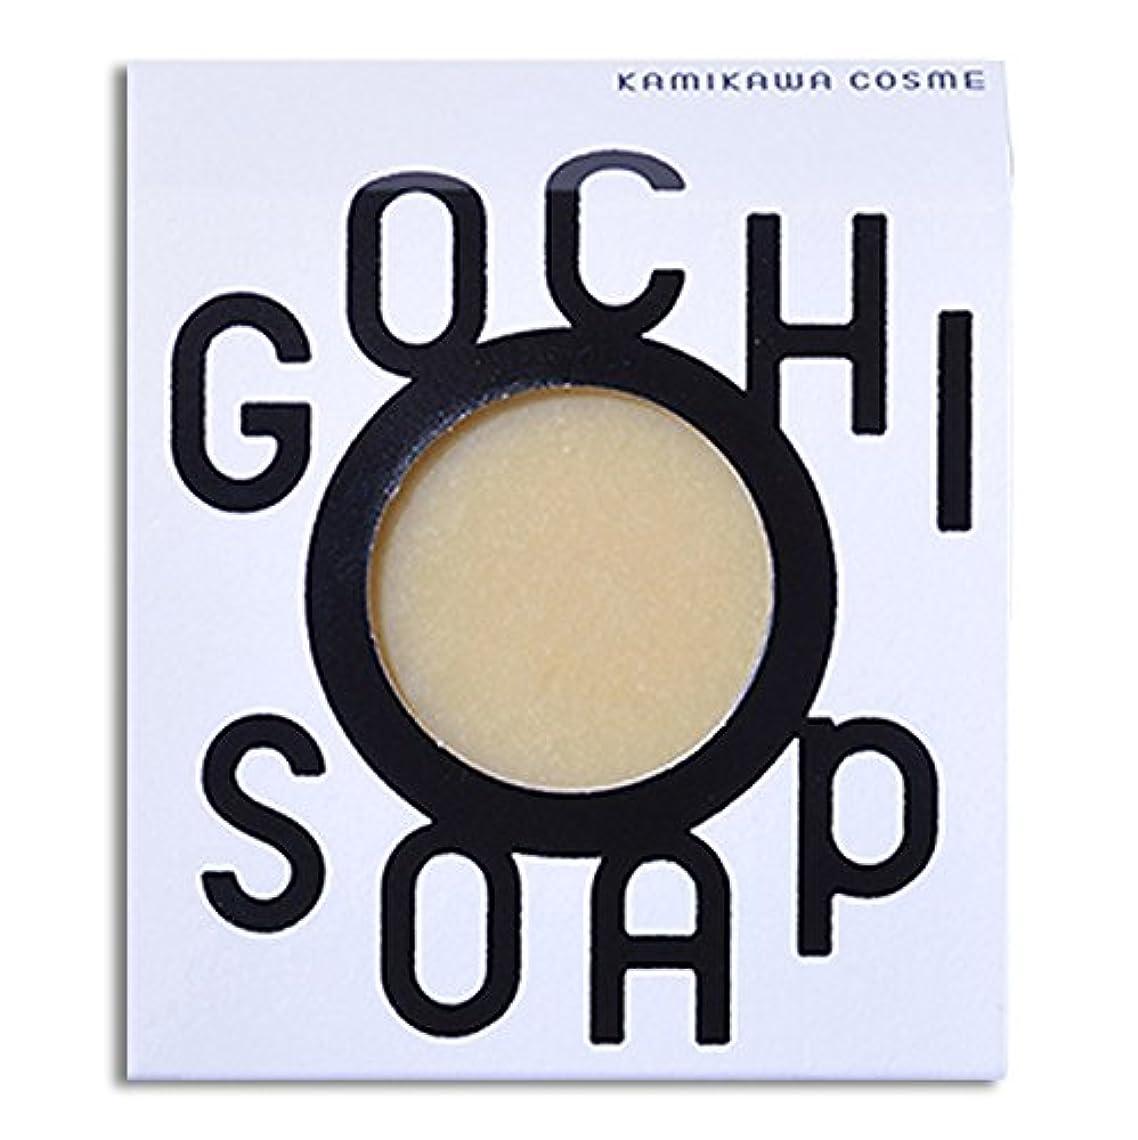 ショッピングセンターバンク図書館道北の素材を使用したコスメブランド GOCHI SOAP(山路養蜂園の蜂蜜ソープ?ふじくらますも果樹園のりんごソープ)各1個セット